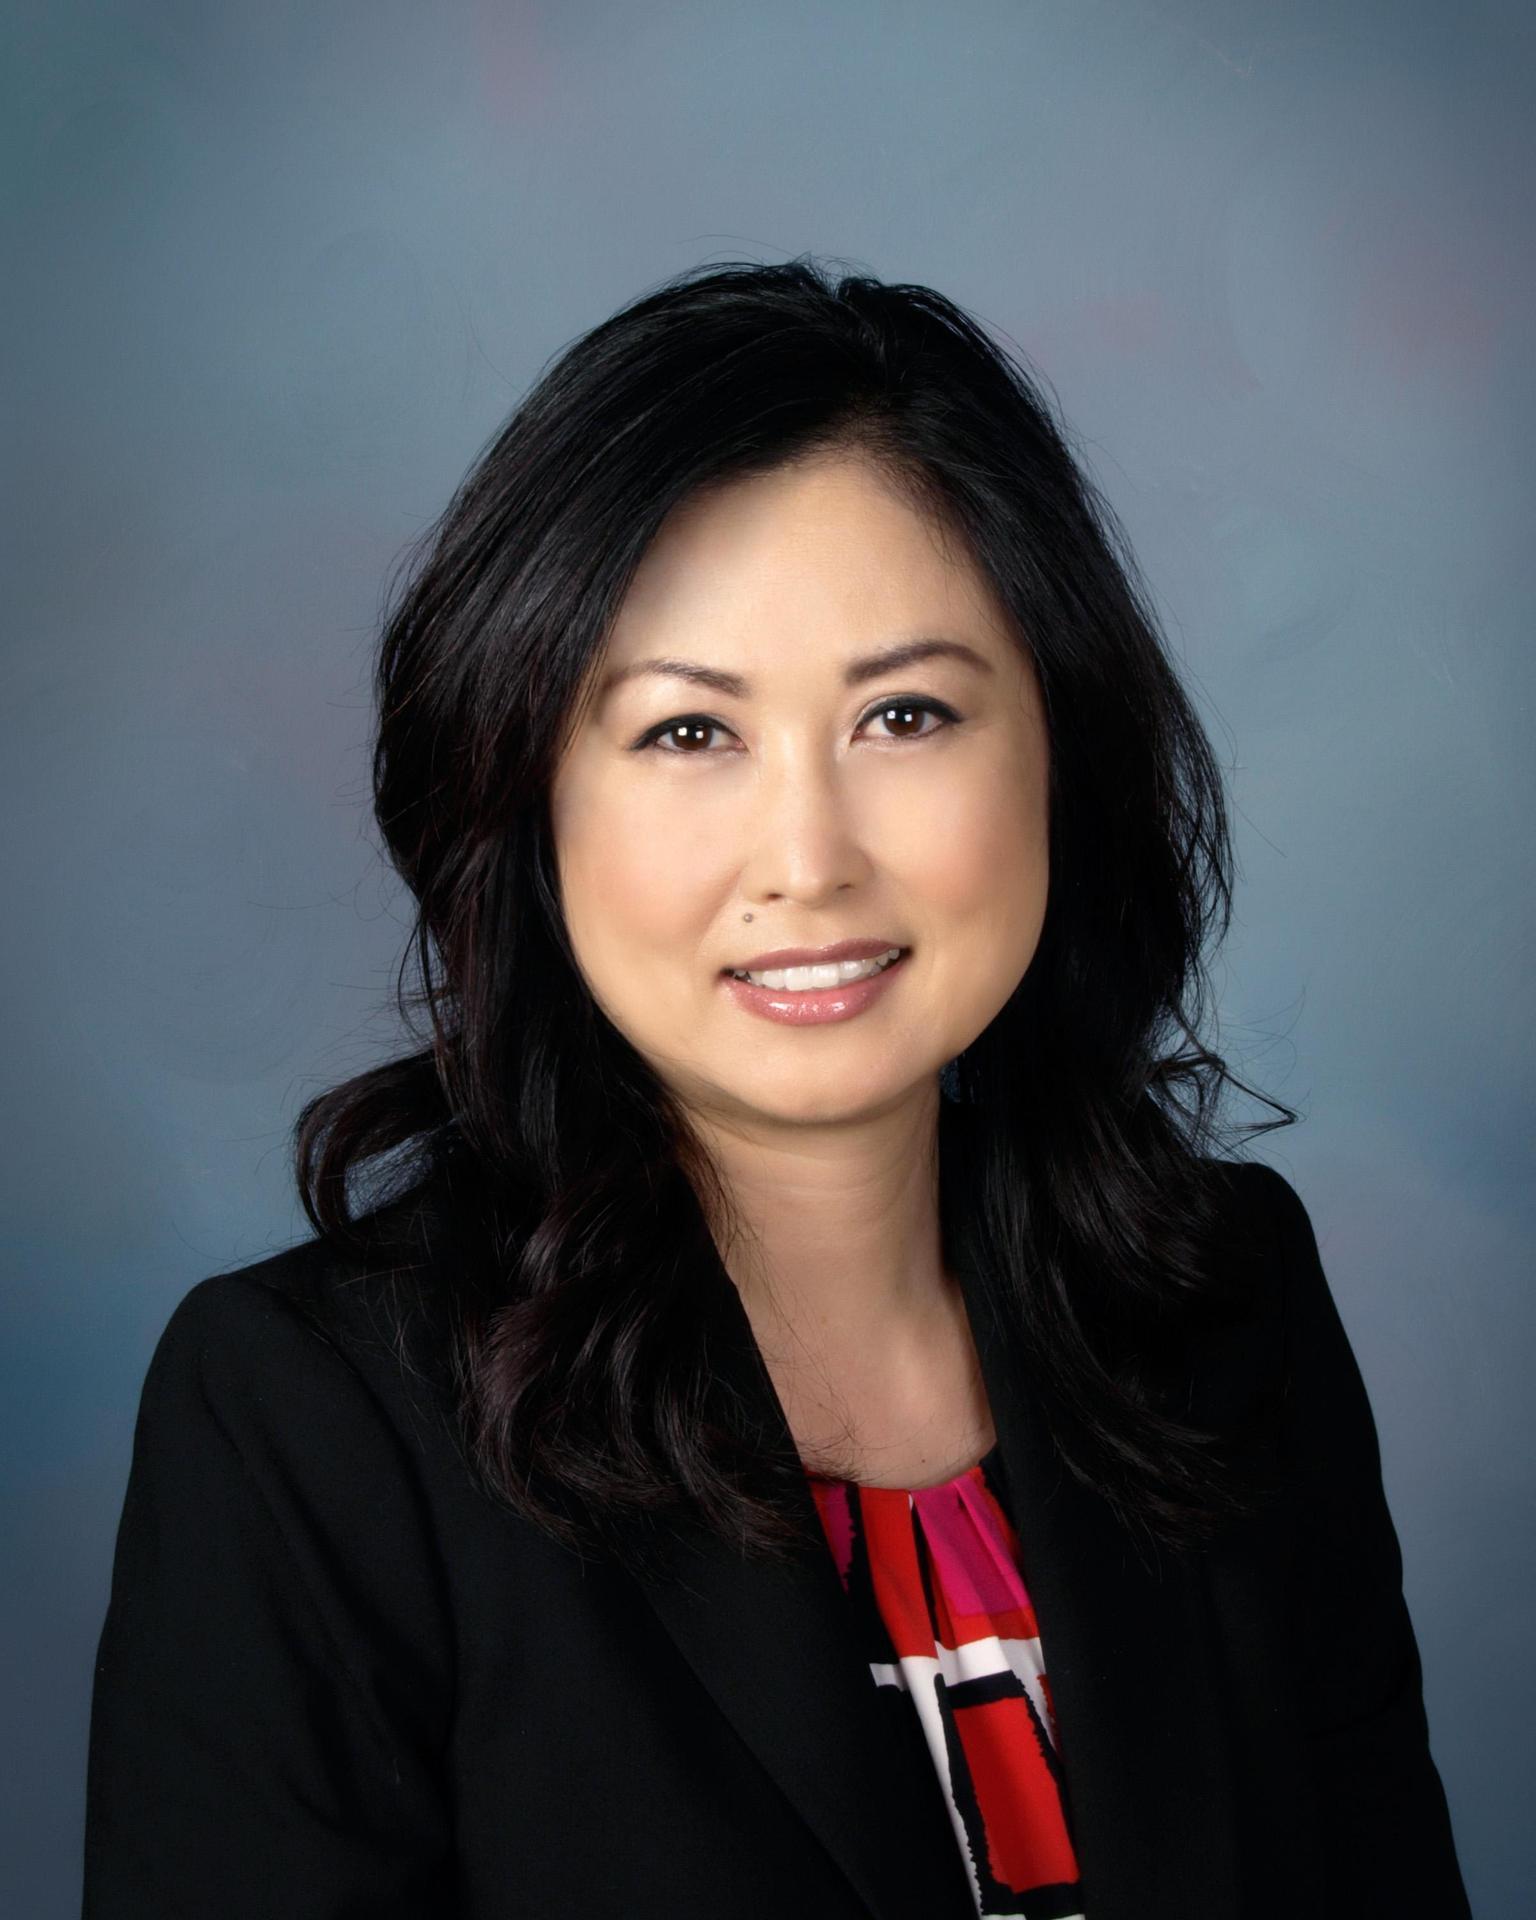 Dr. Paik